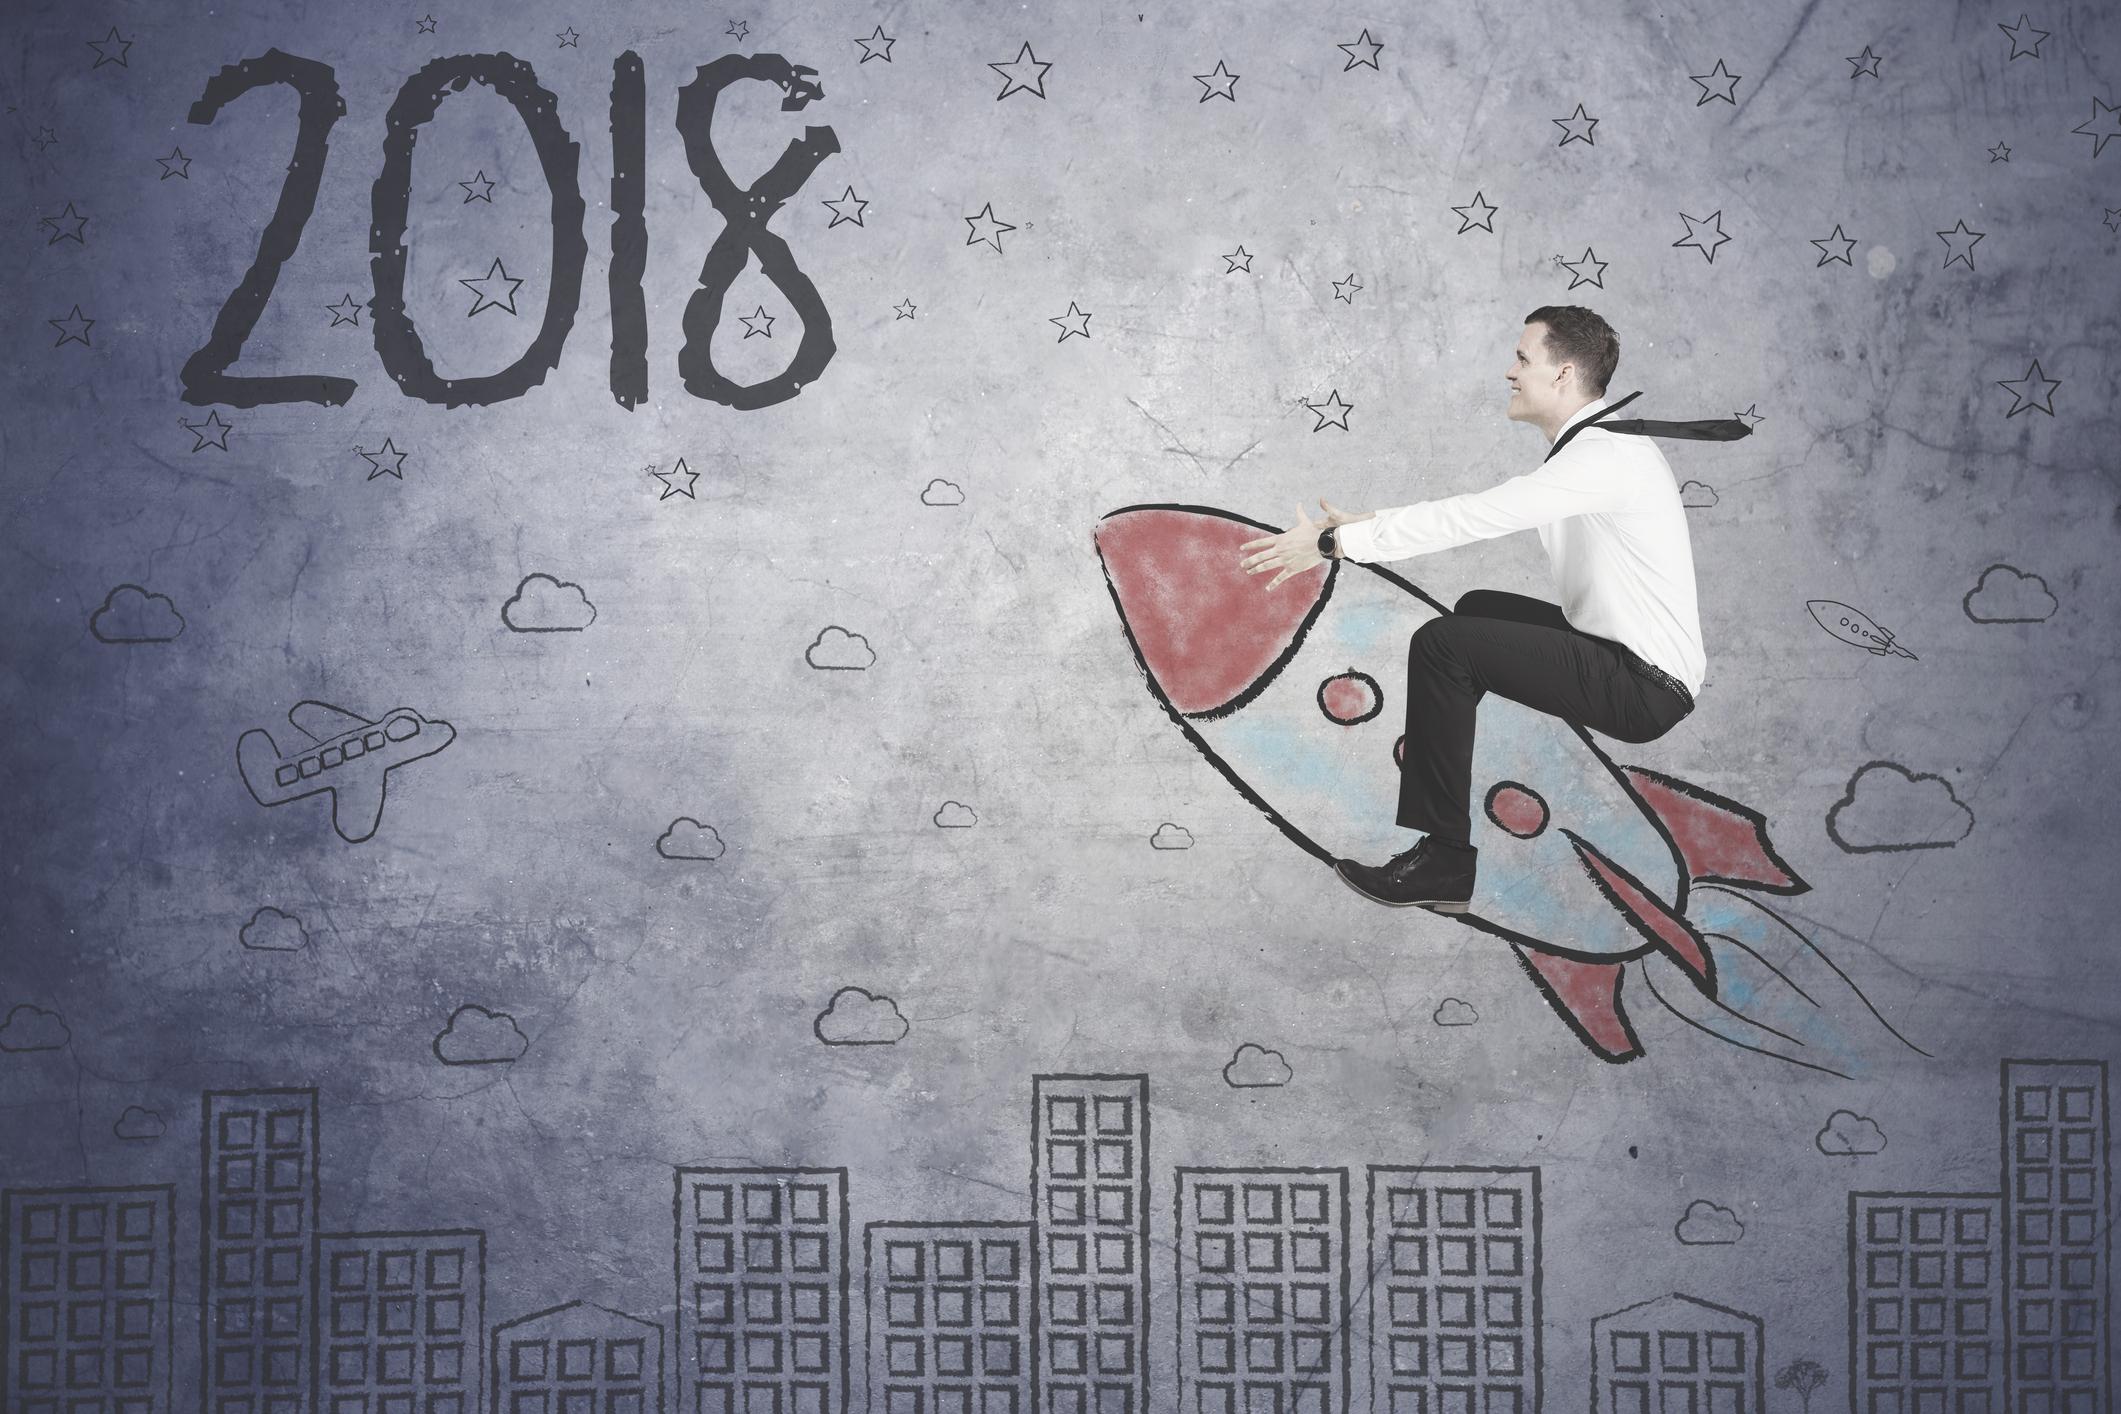 Person riding a rocket toward 2018.